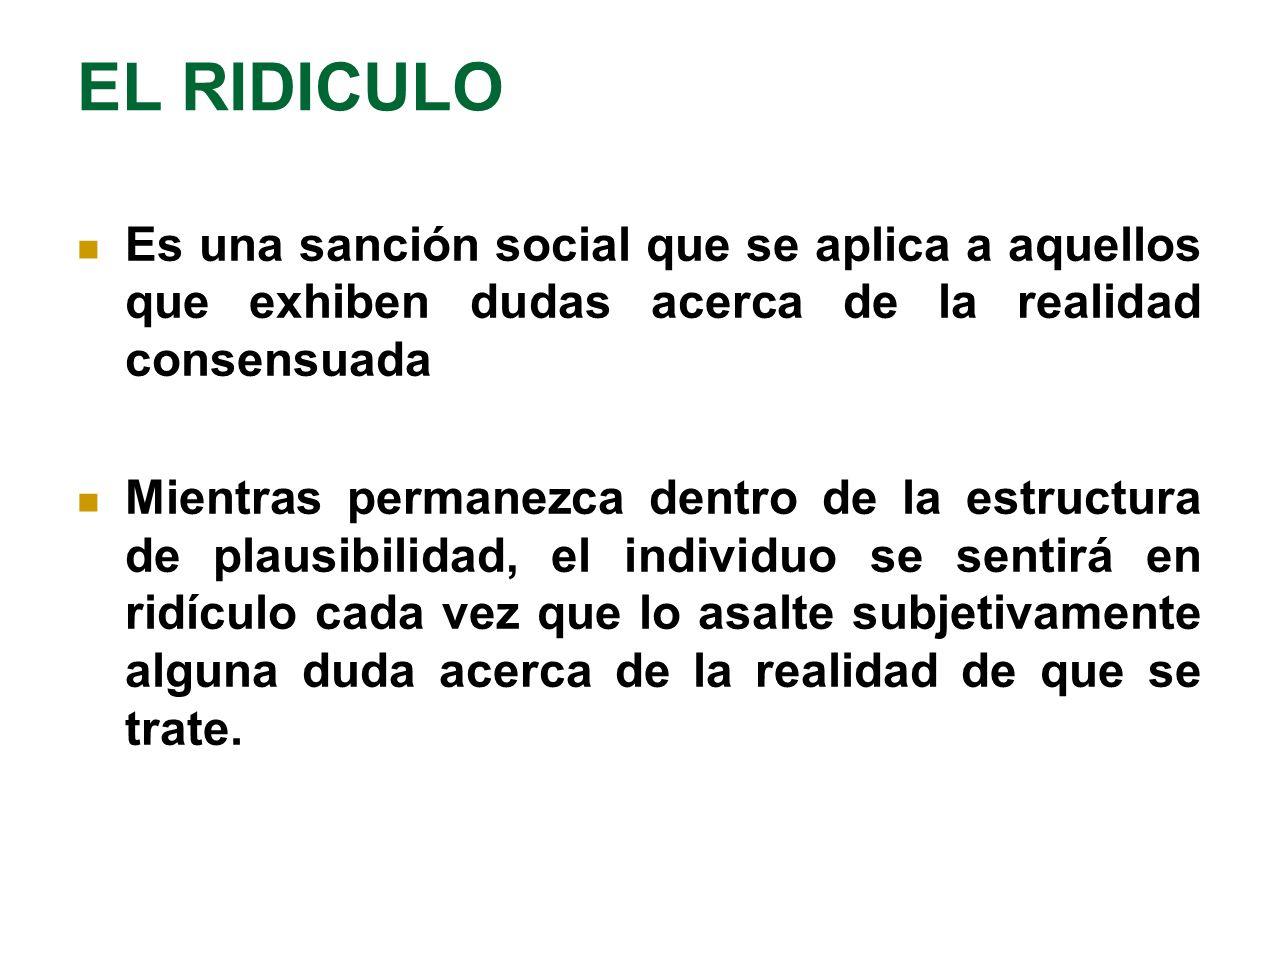 EL RIDICULO Es una sanción social que se aplica a aquellos que exhiben dudas acerca de la realidad consensuada.